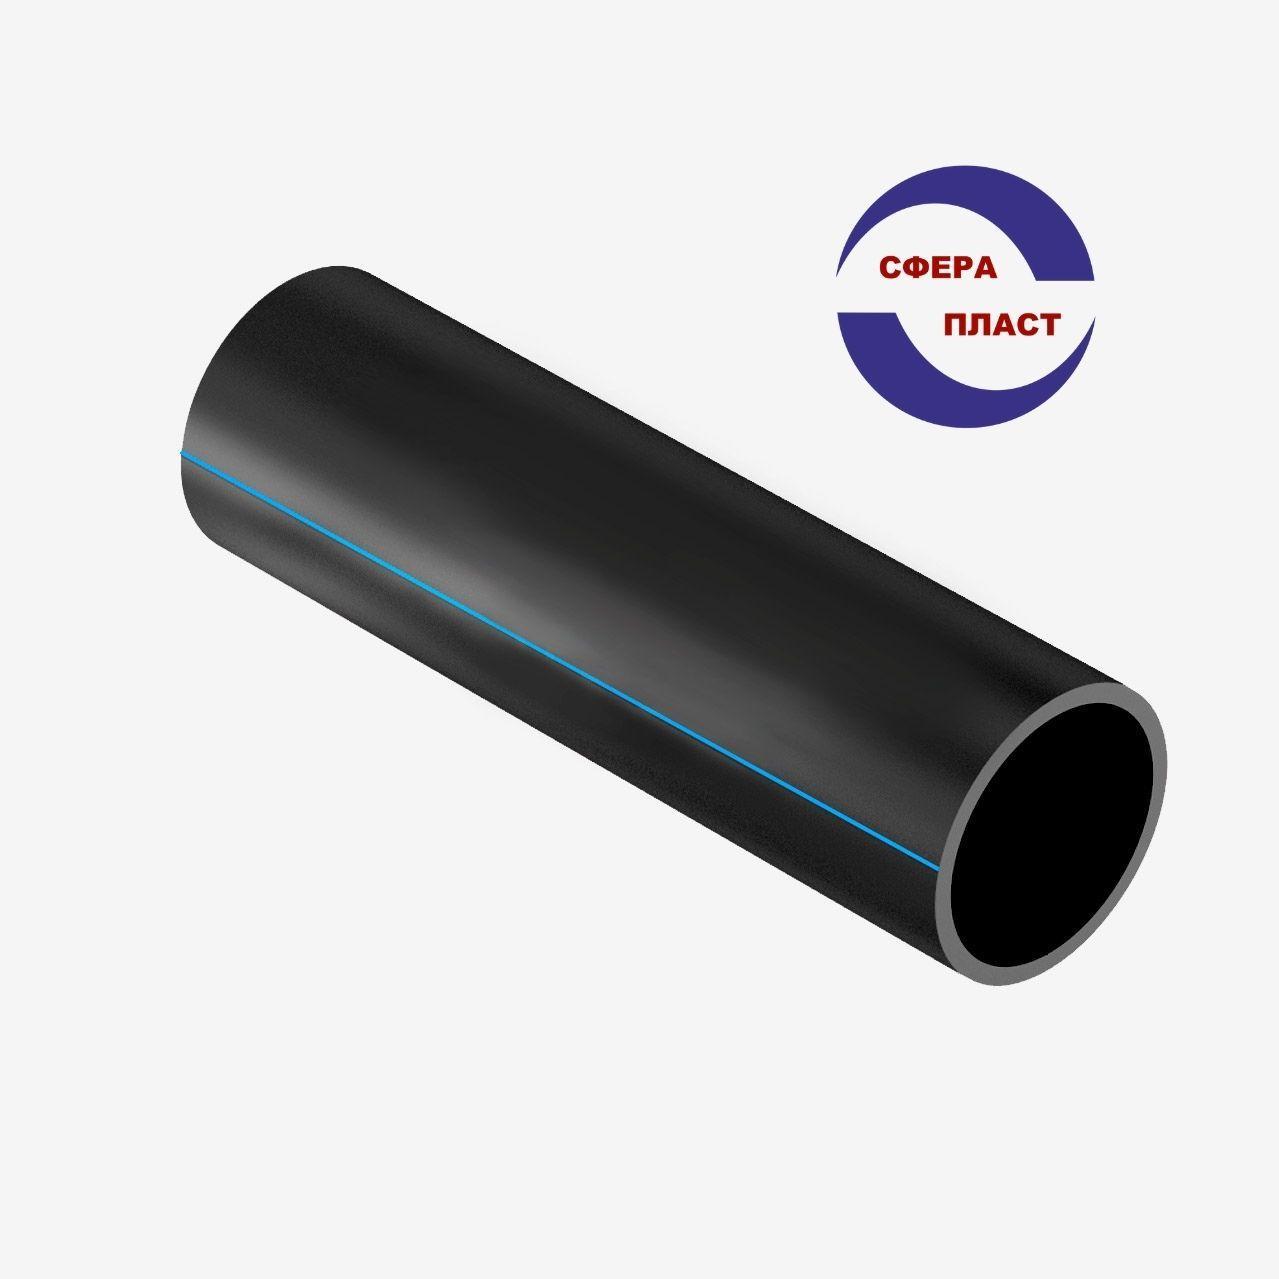 Труба Ду-280x16,6 SDR17 (10 атм) полиэтиленовая ПЭ-100